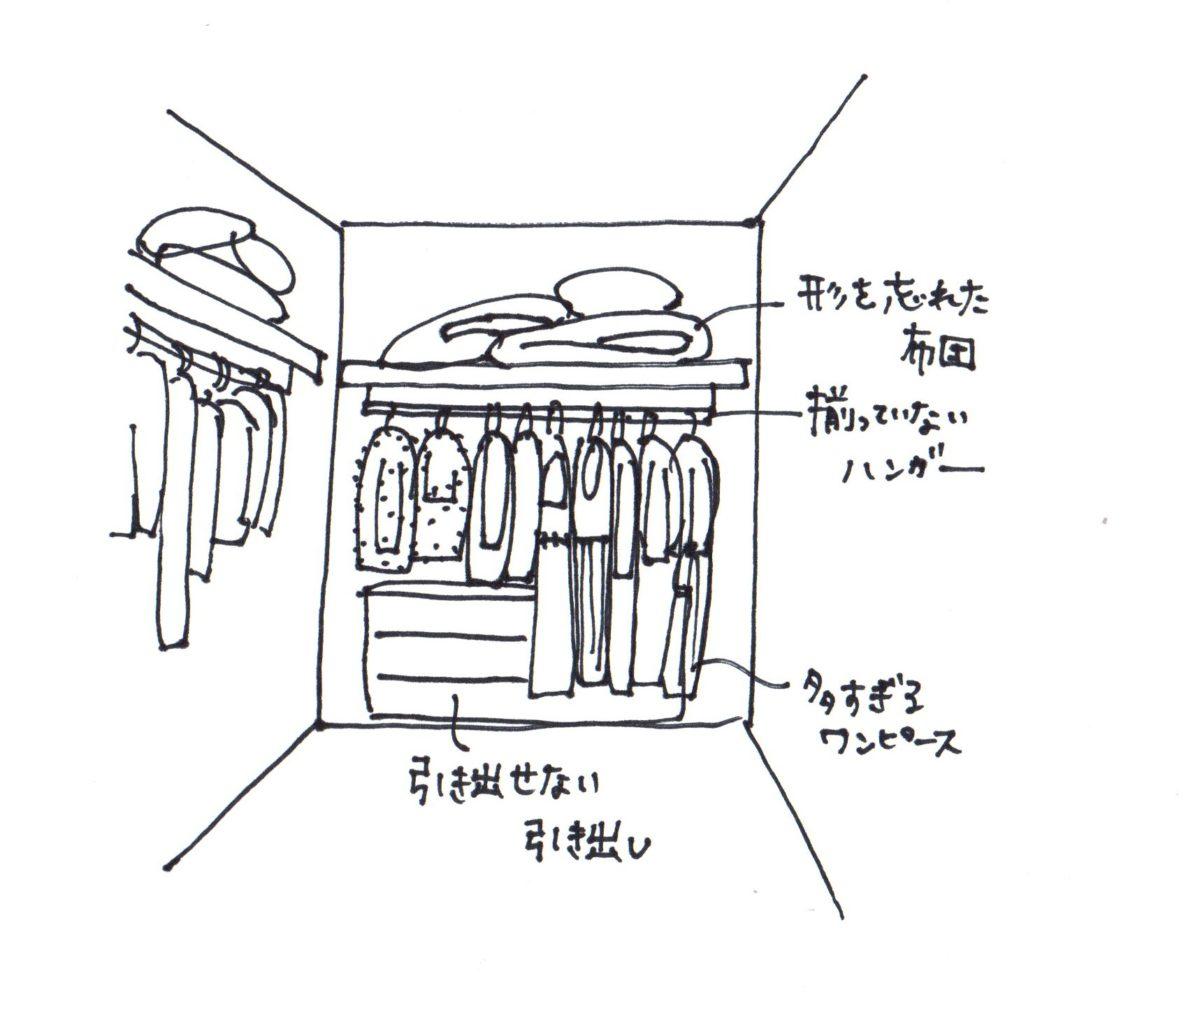 【ミニマリストの第一歩】服を処分してみた〈4〉